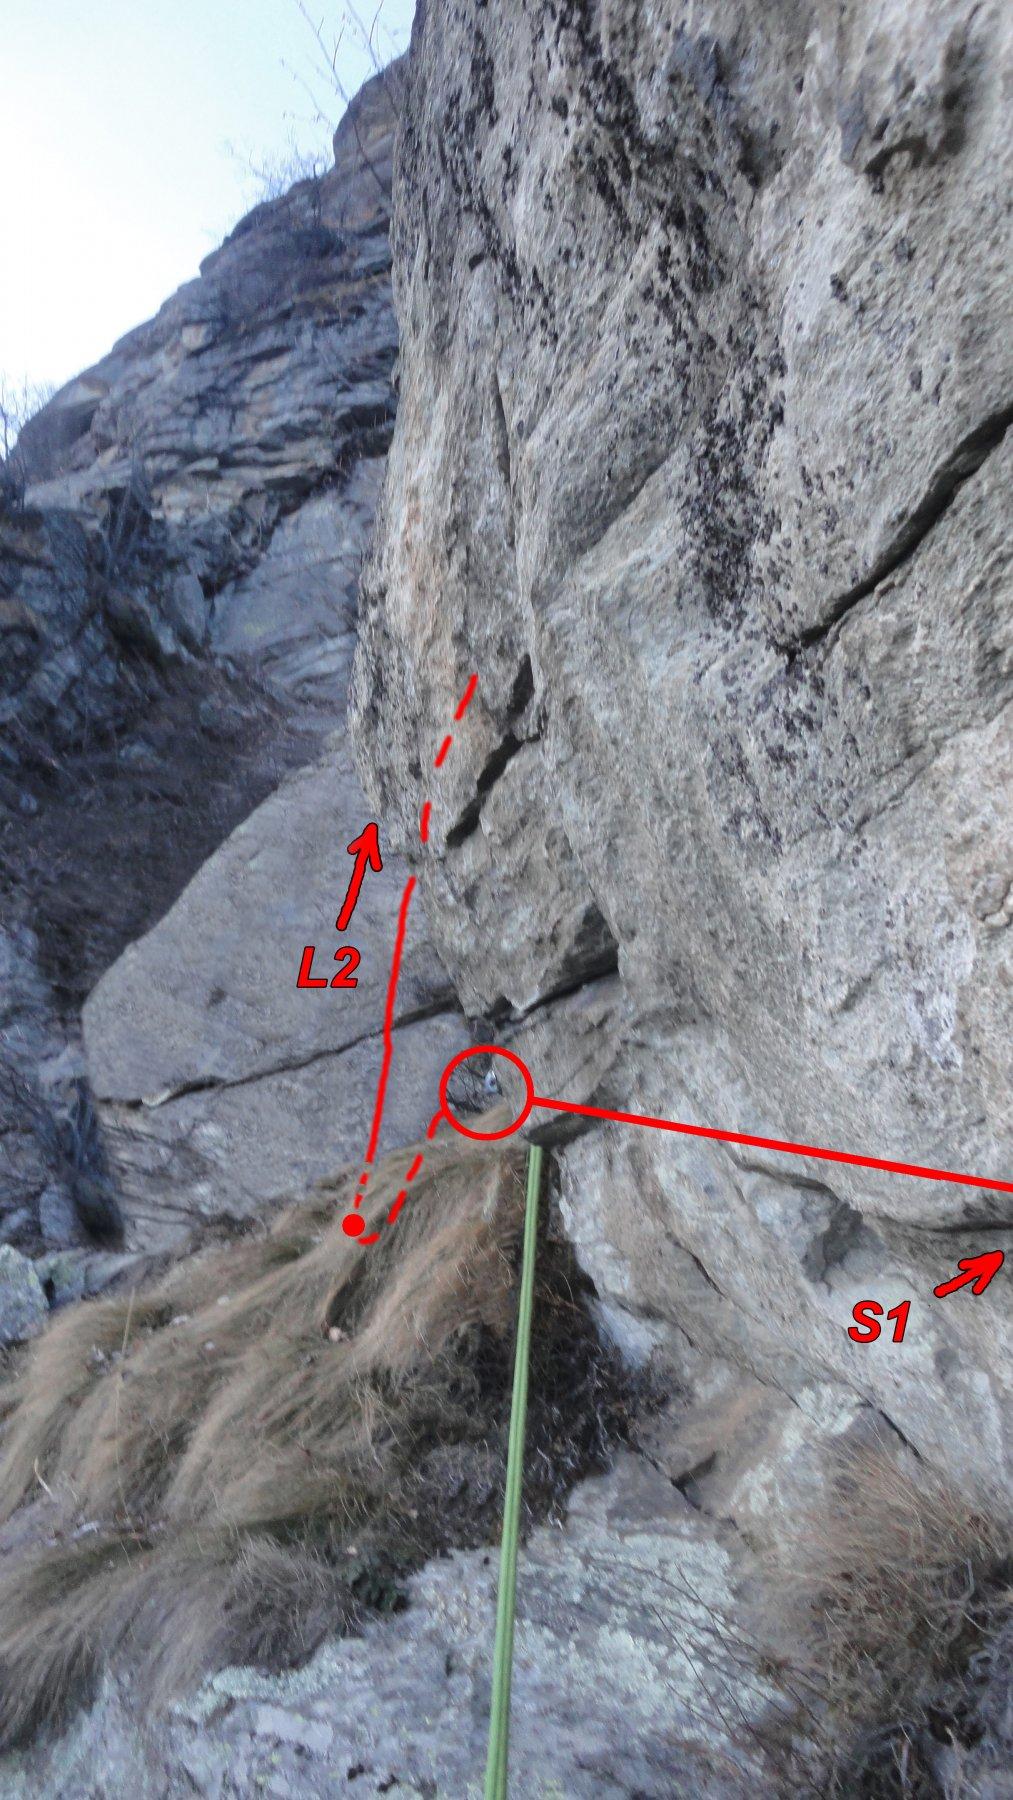 Da S1 si  prosegue sulla sx per cengia sino ad aggirare lo spigolo al termine della stessa (spit). Segue un breve tratto di trasferimento  prima di affrontare il primo tratto facile (4a) del secondo tiro..